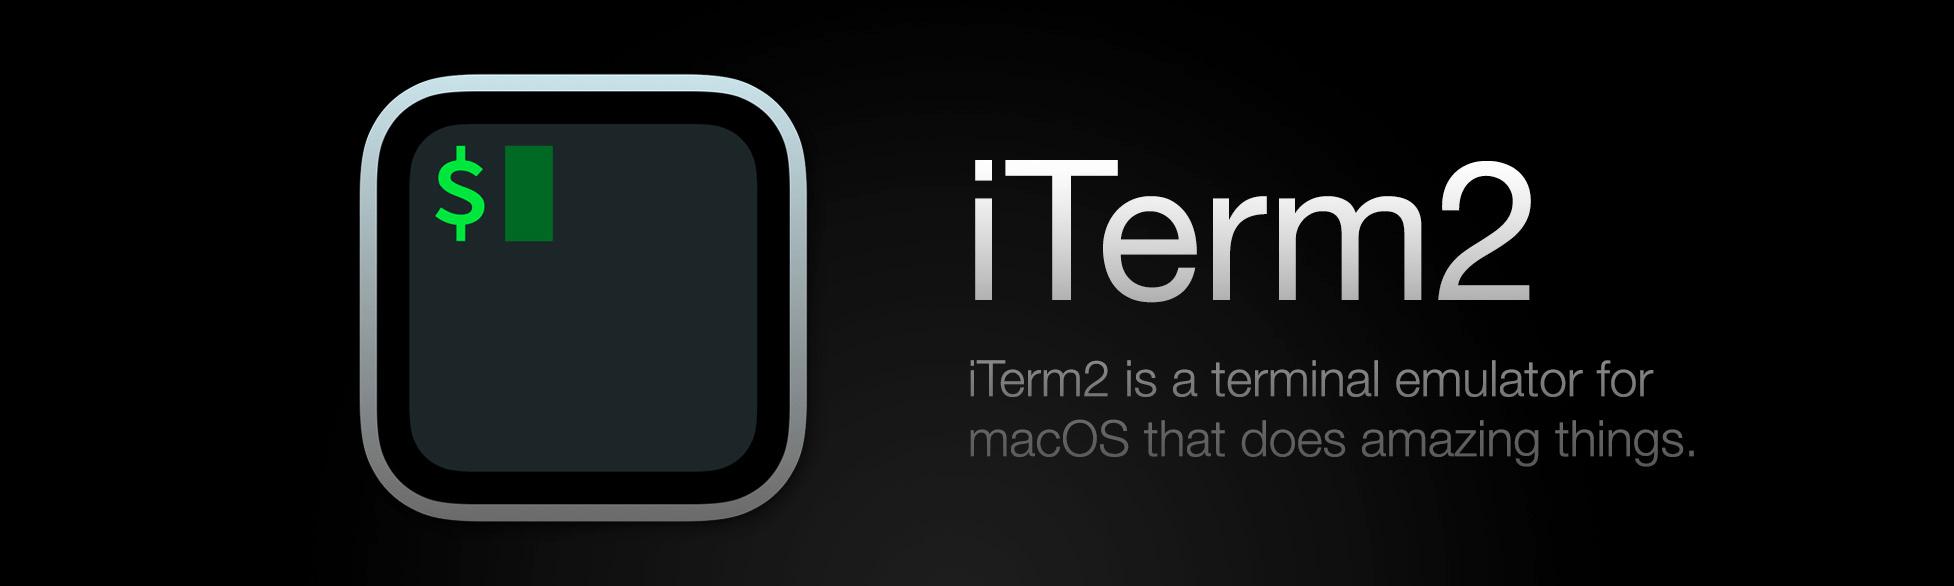 iterm